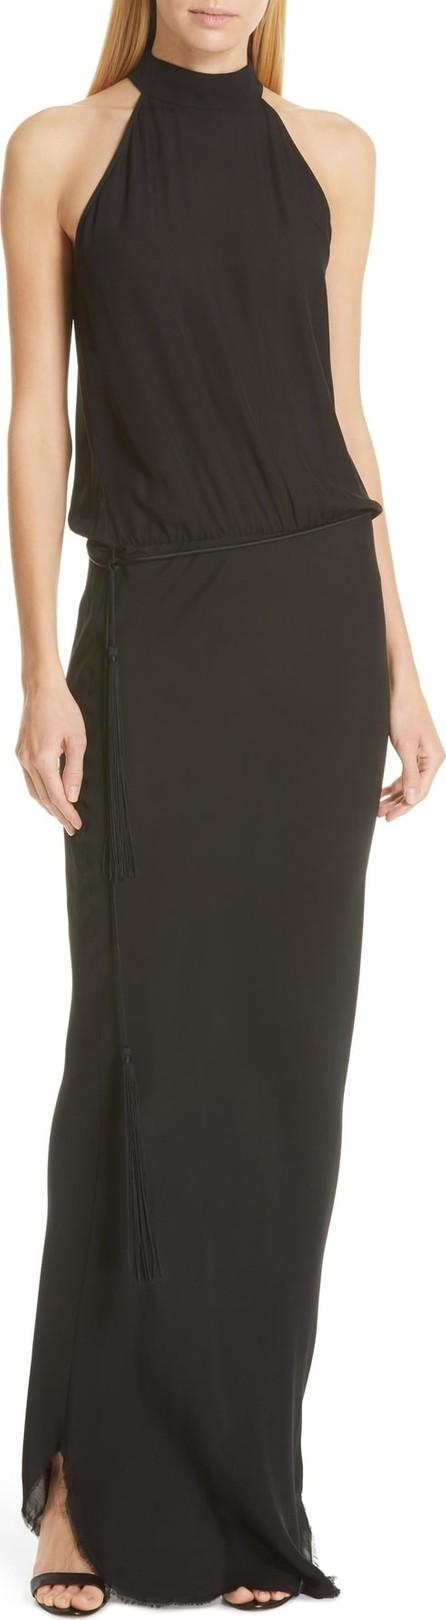 Nili Lotan Alison Blouson Evening Dress